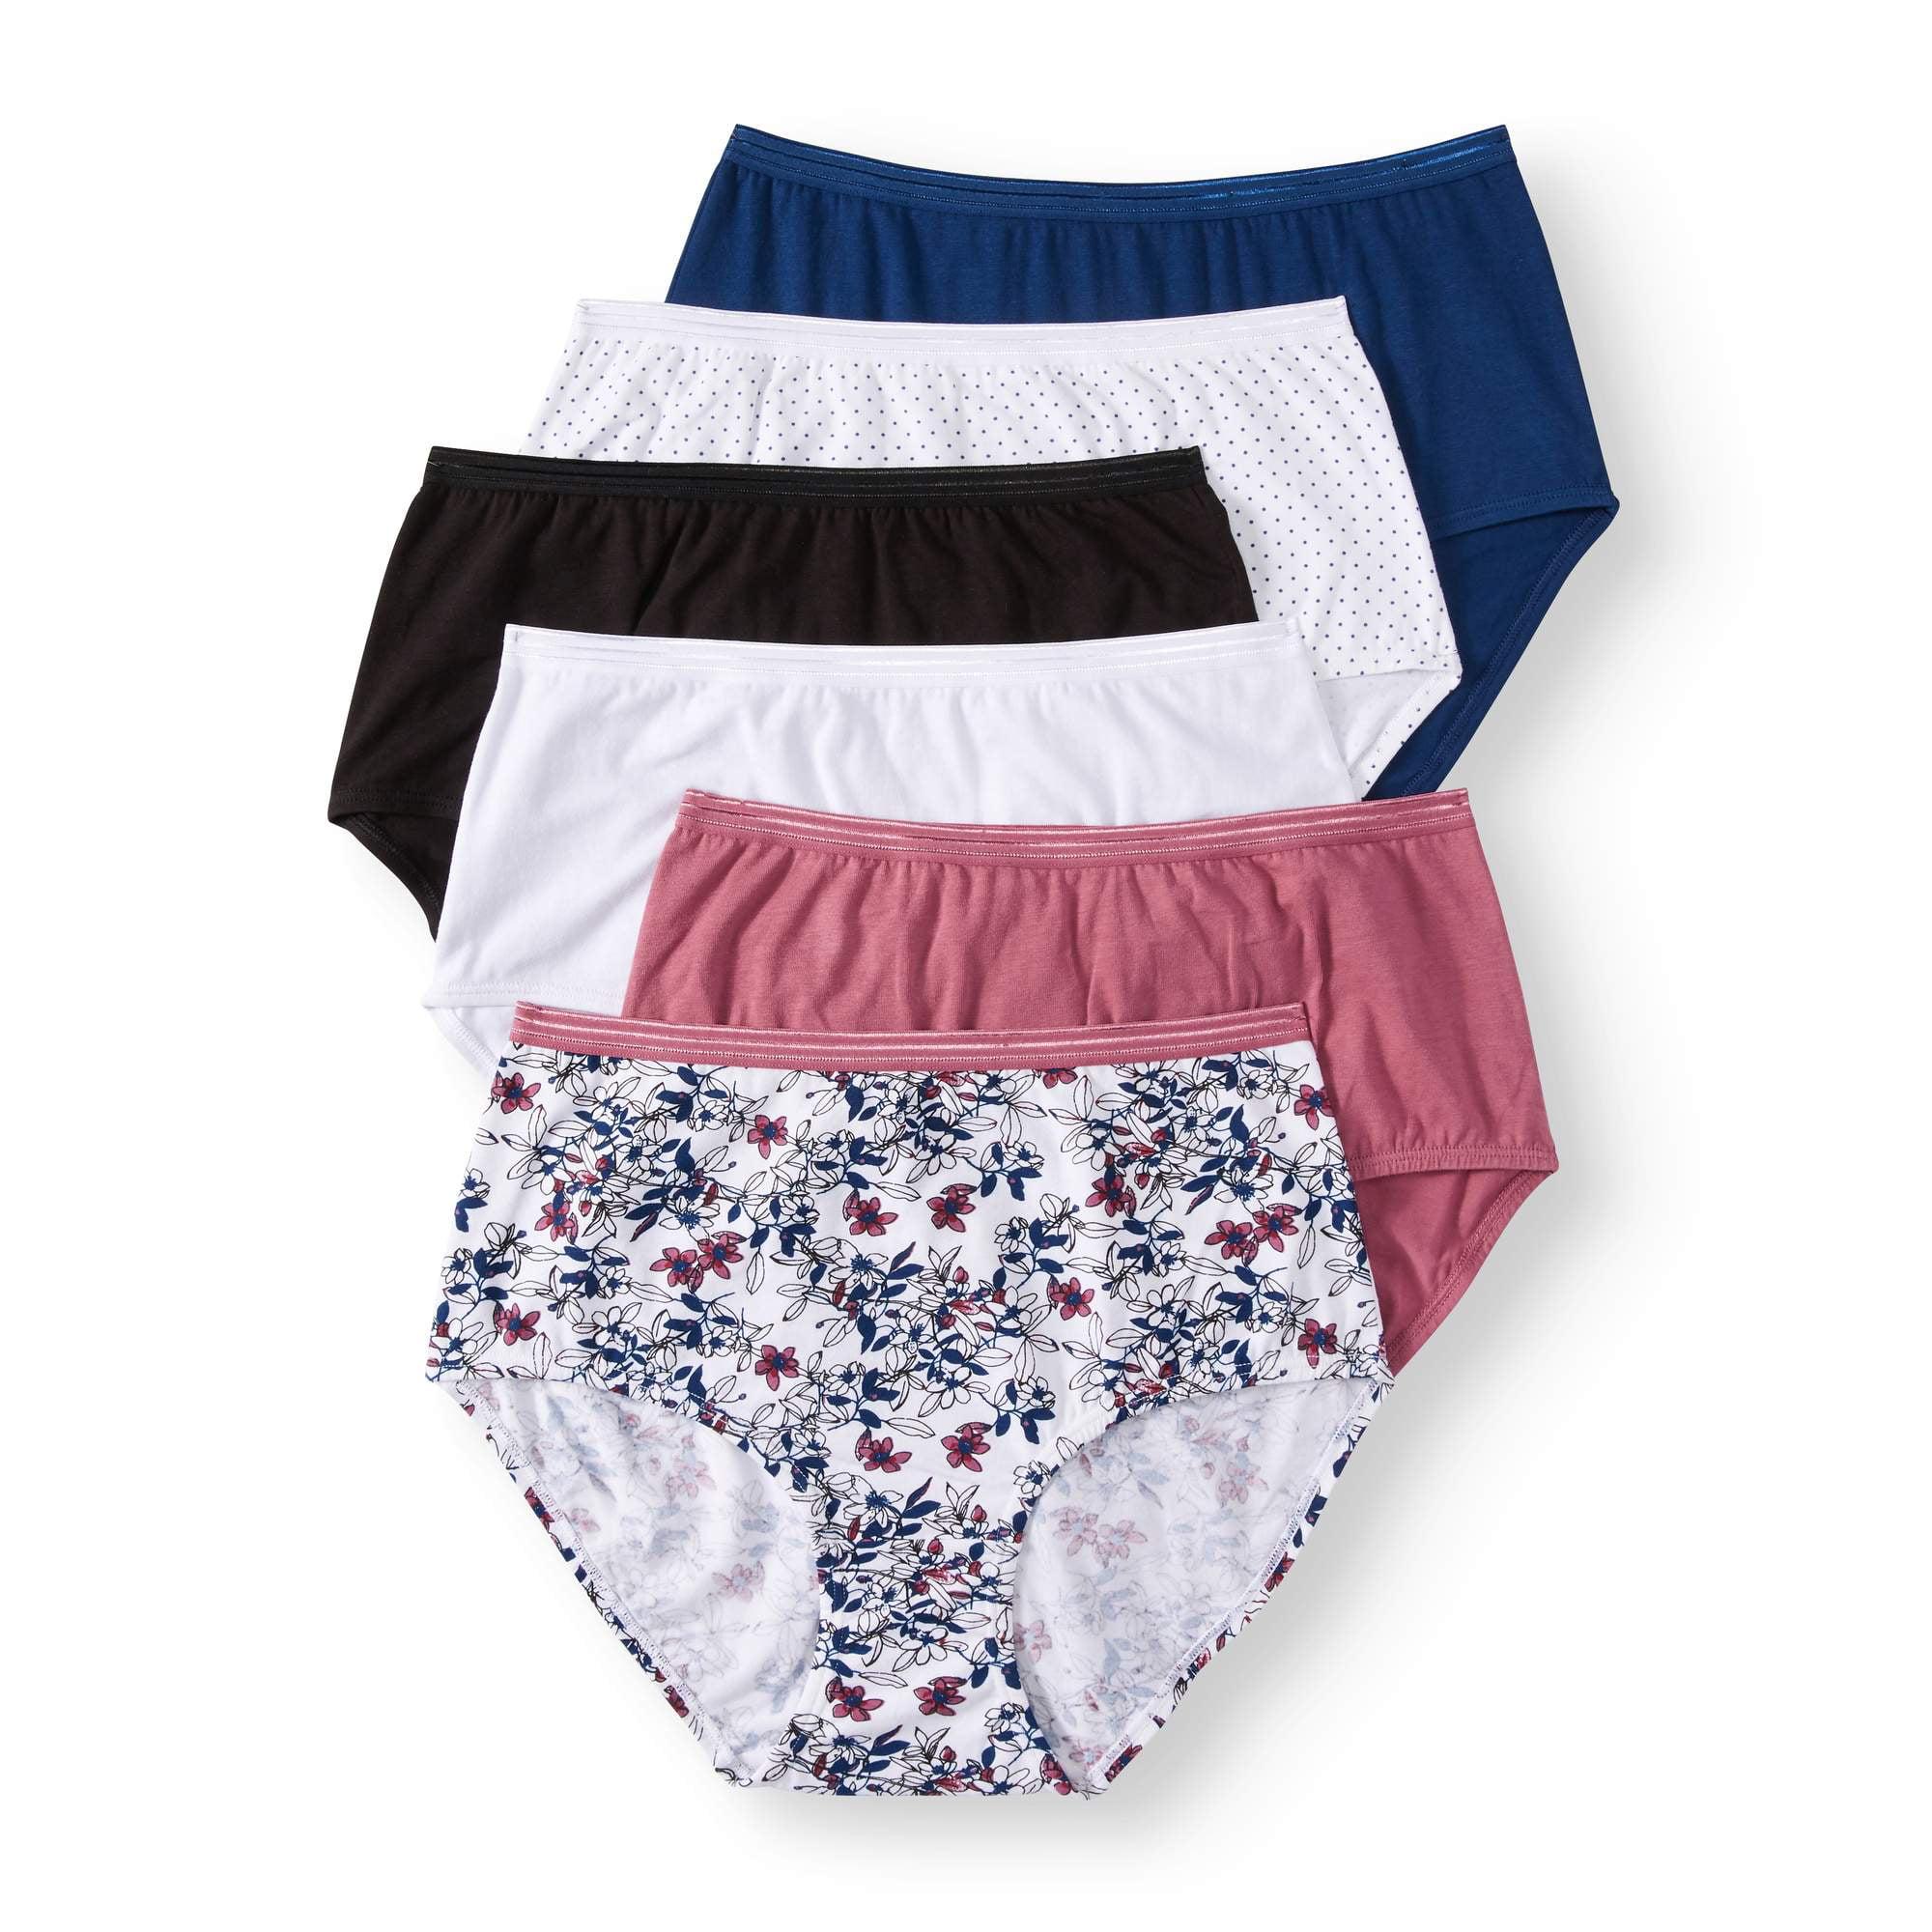 100/% cotton white 6-pk Women/'s underwear: Secret Treasures briefs extra soft